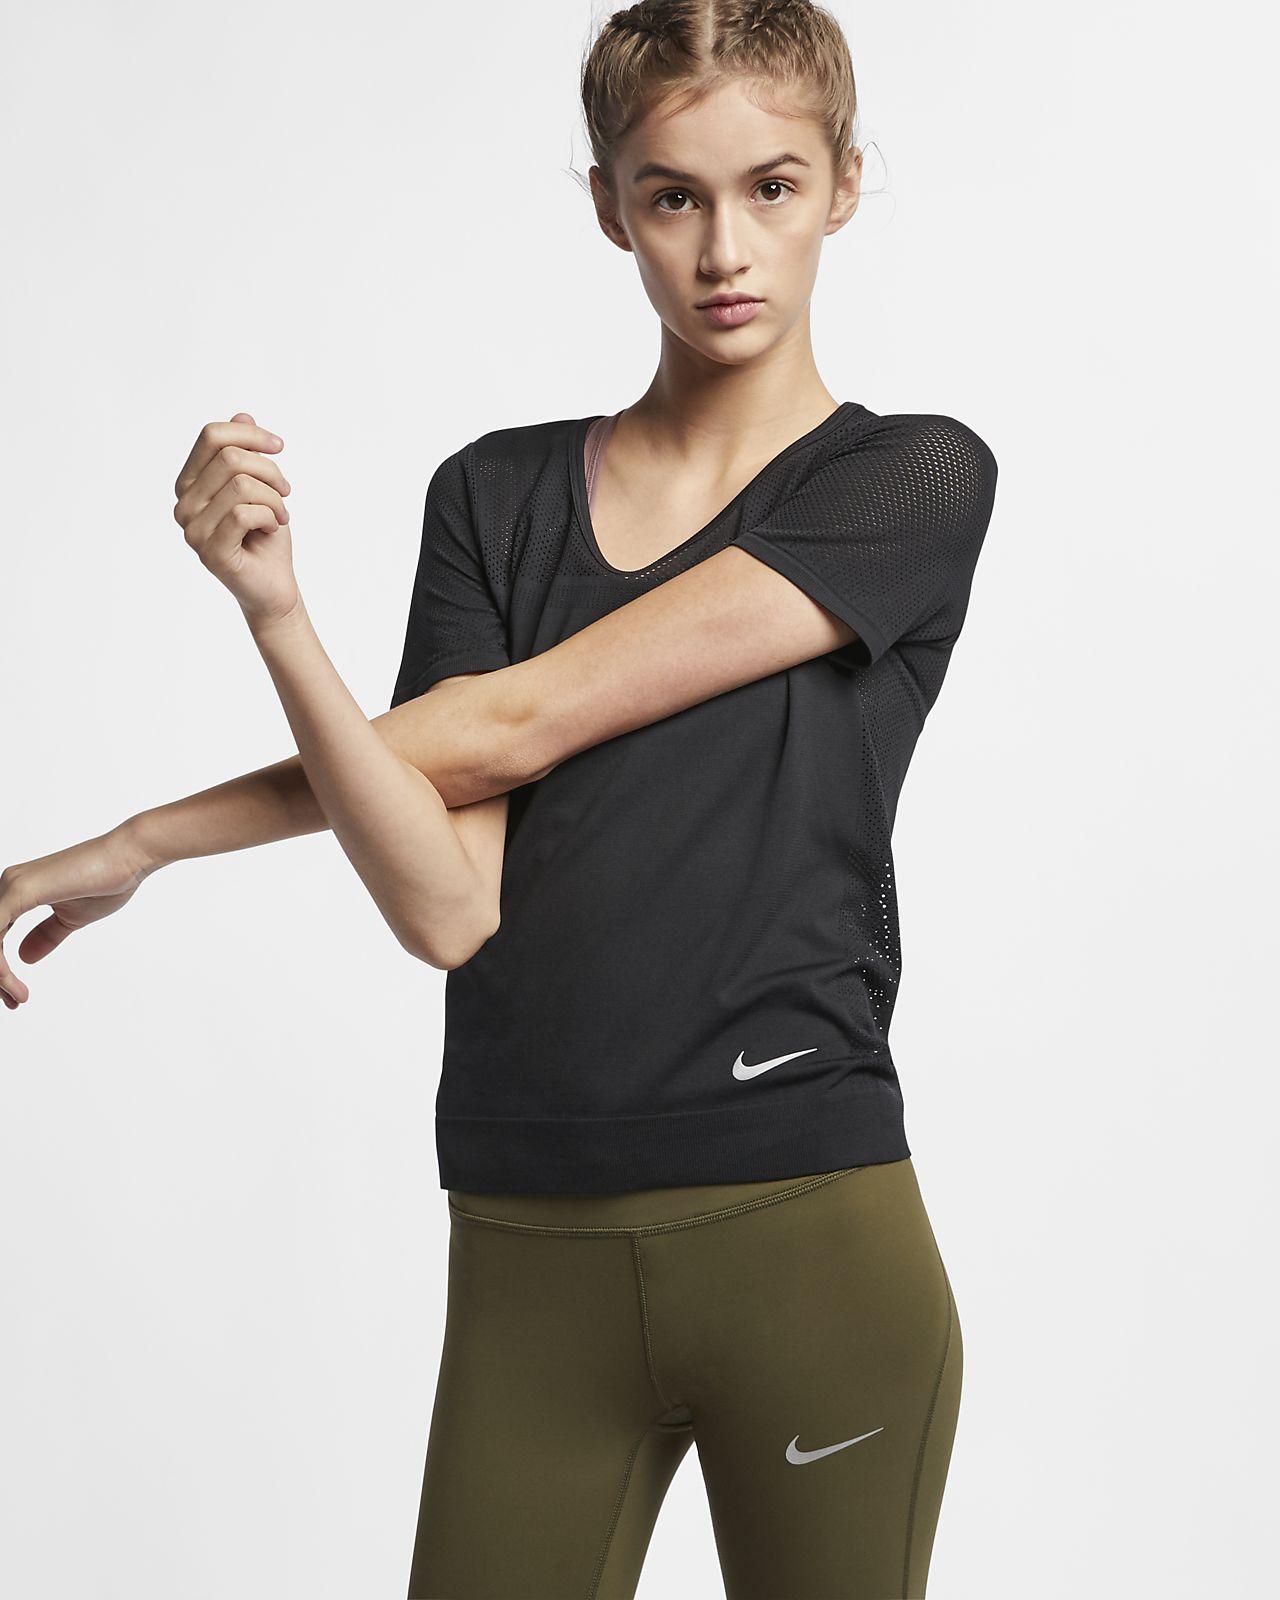 Nike Infinite Women's Short-Sleeve Running Top